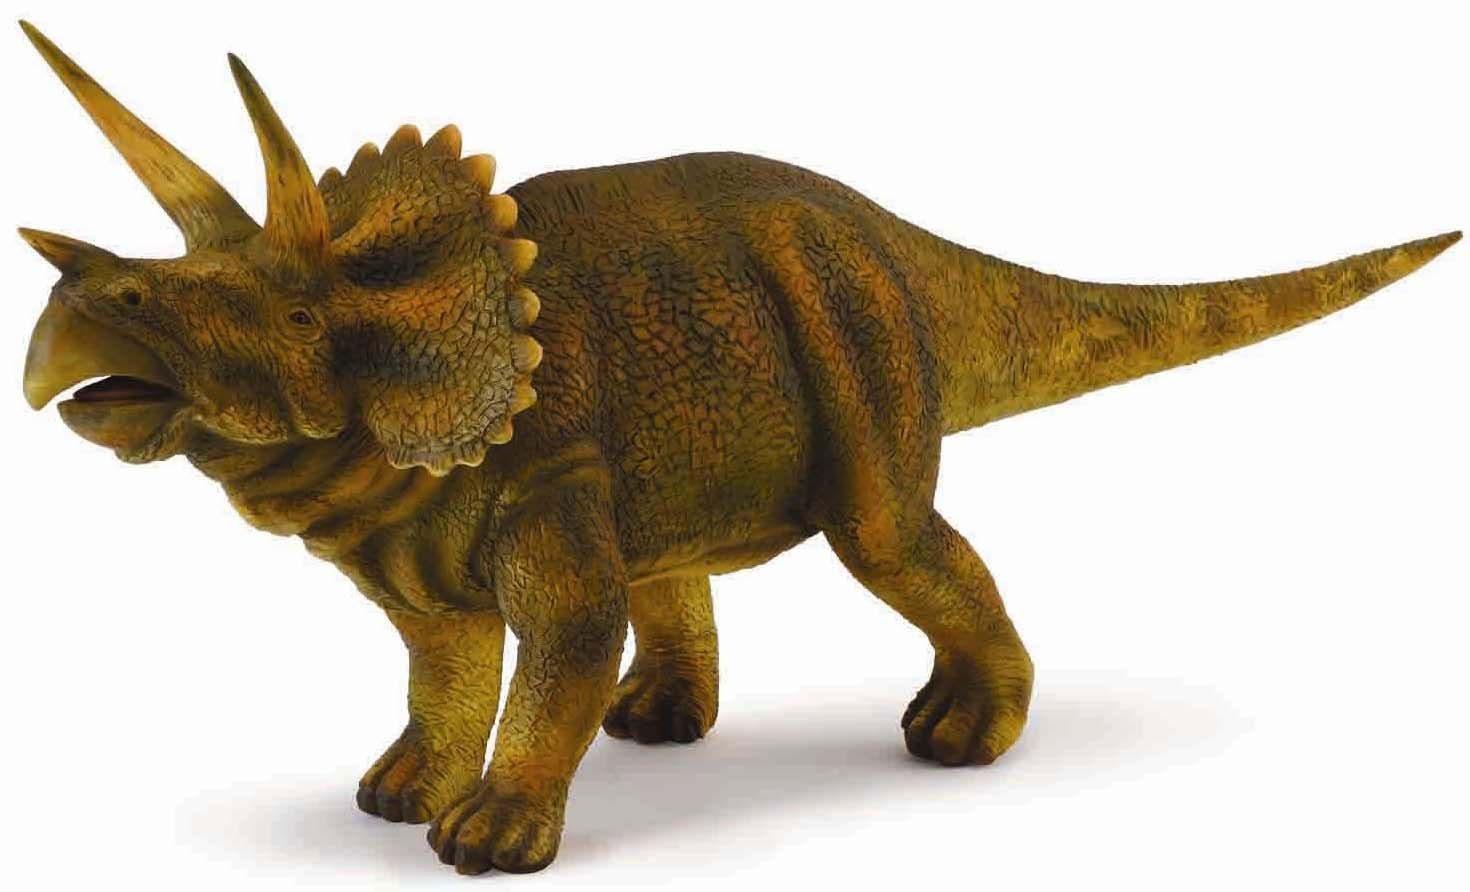 Dinosauri: fascino e mistero parte 3 di 4